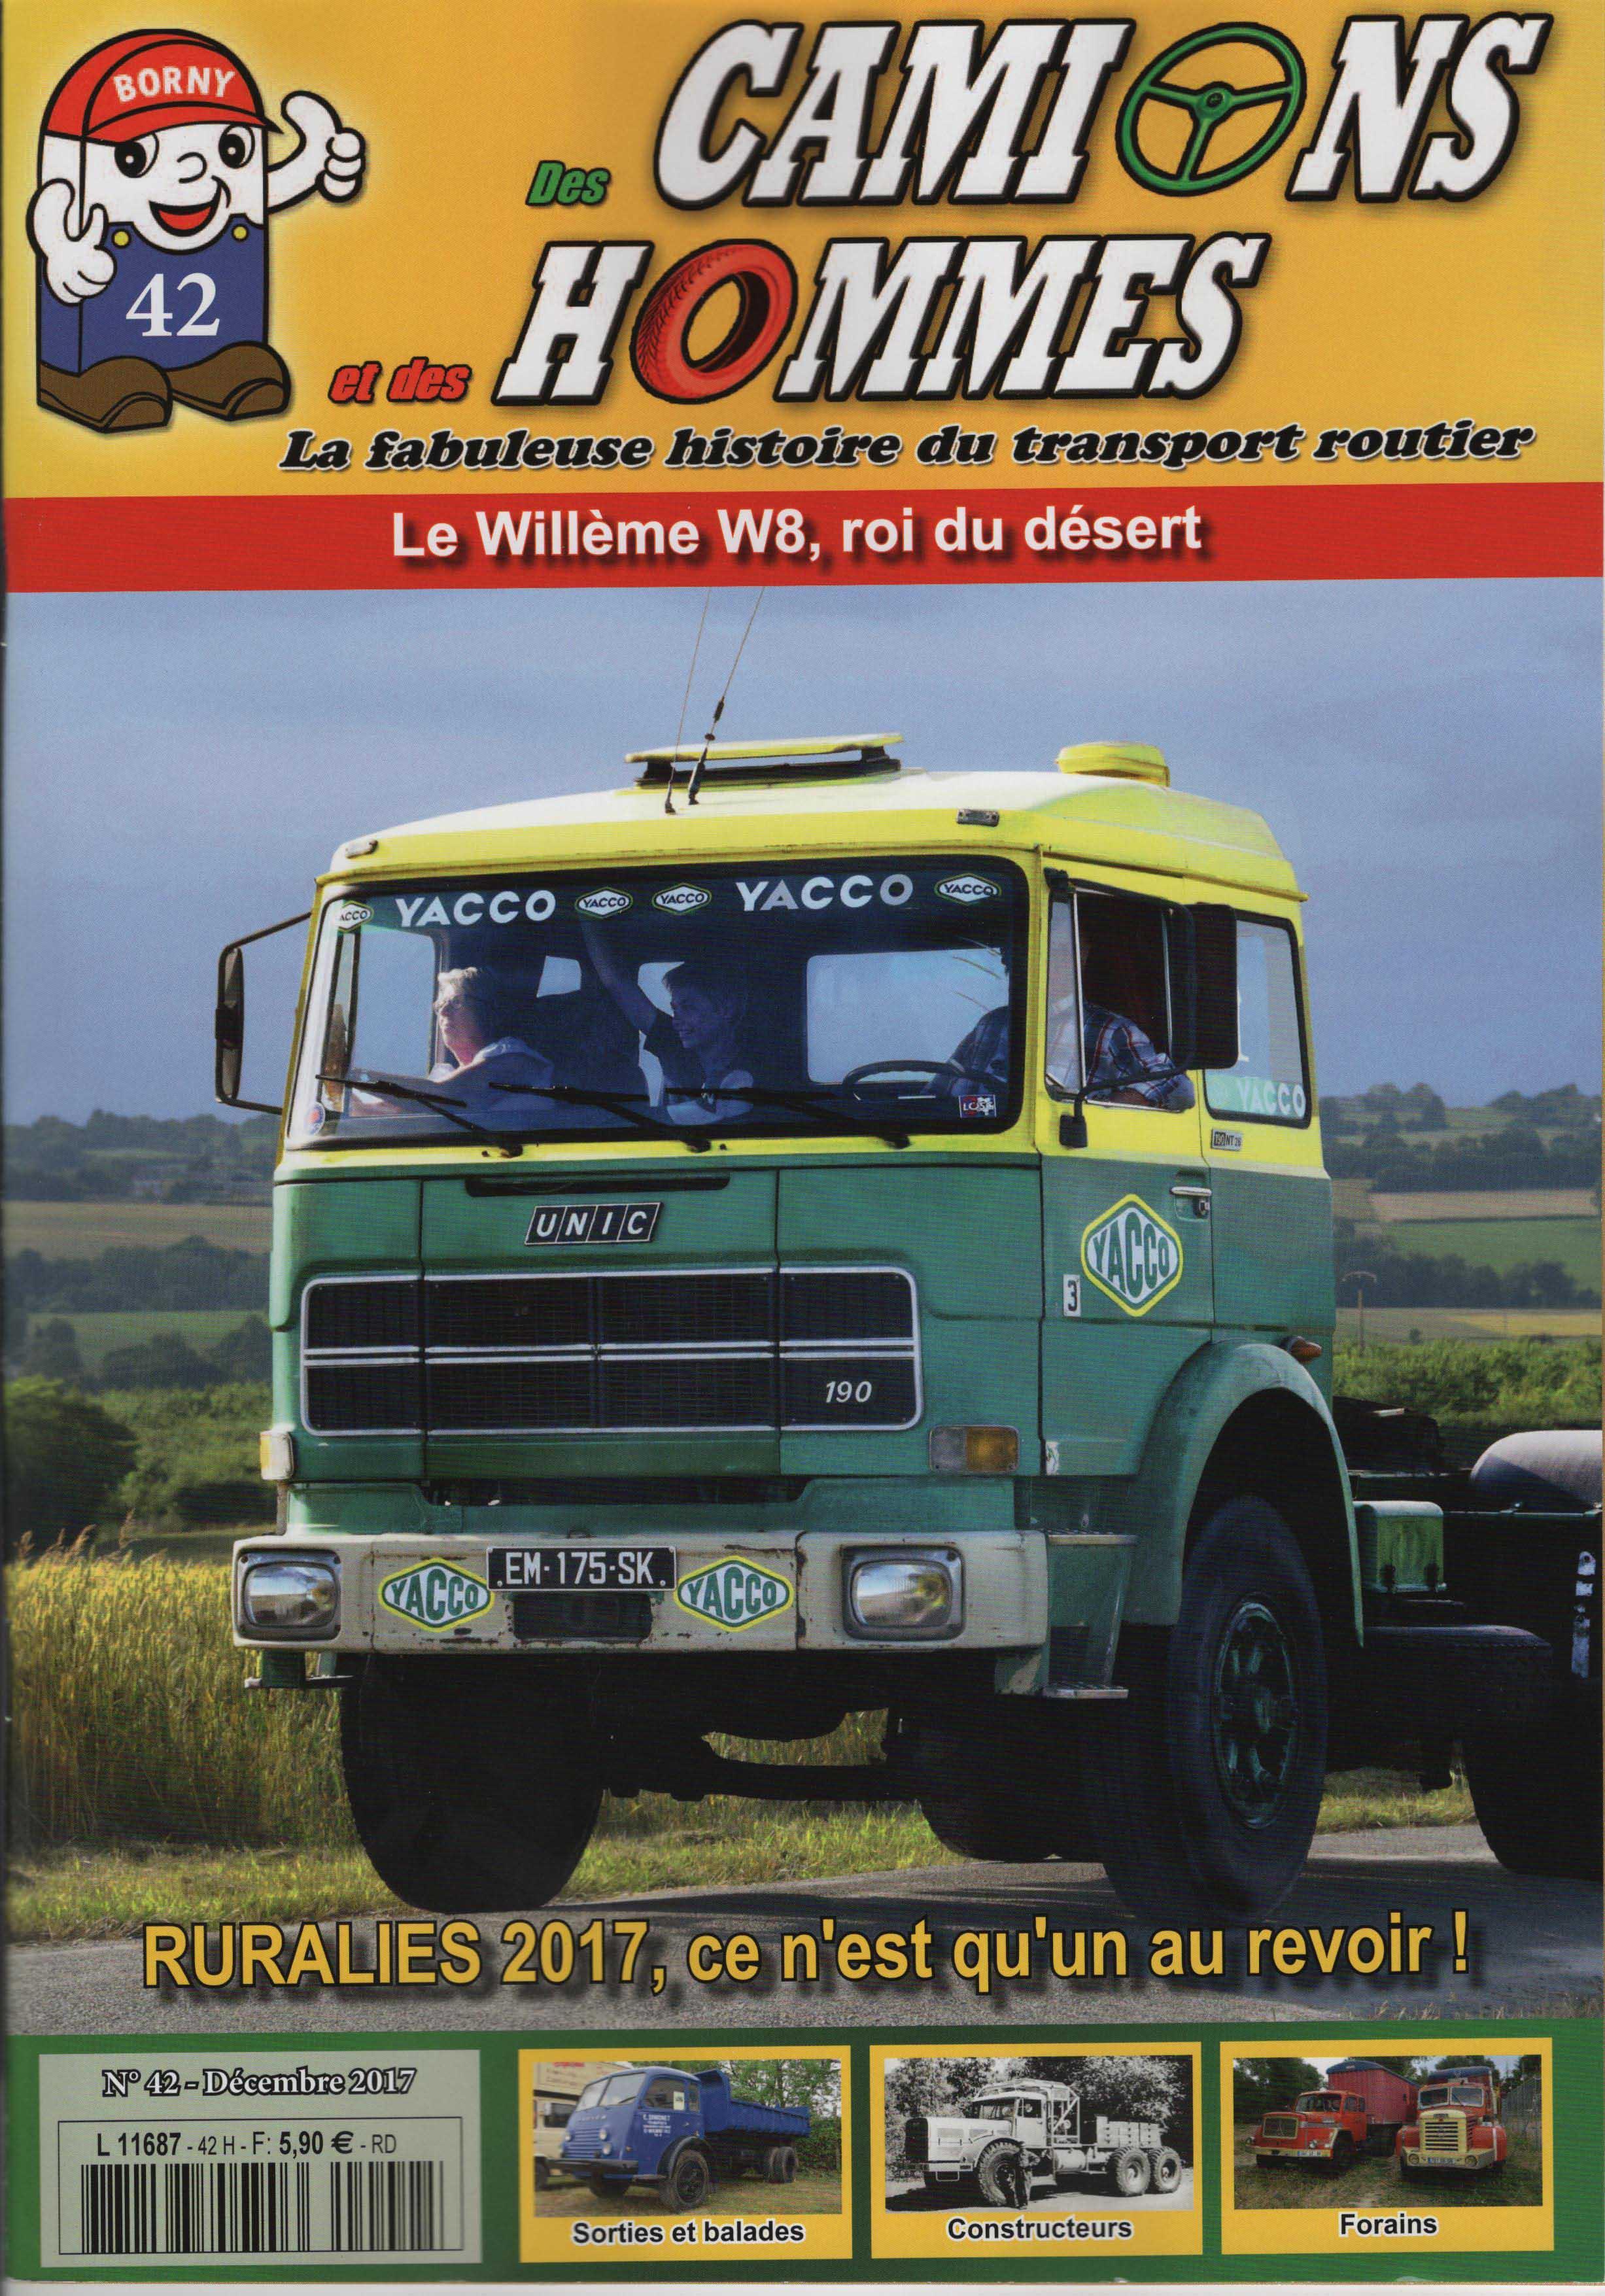 Magazine N°42 Des Camions et des Hommes (Etranger)